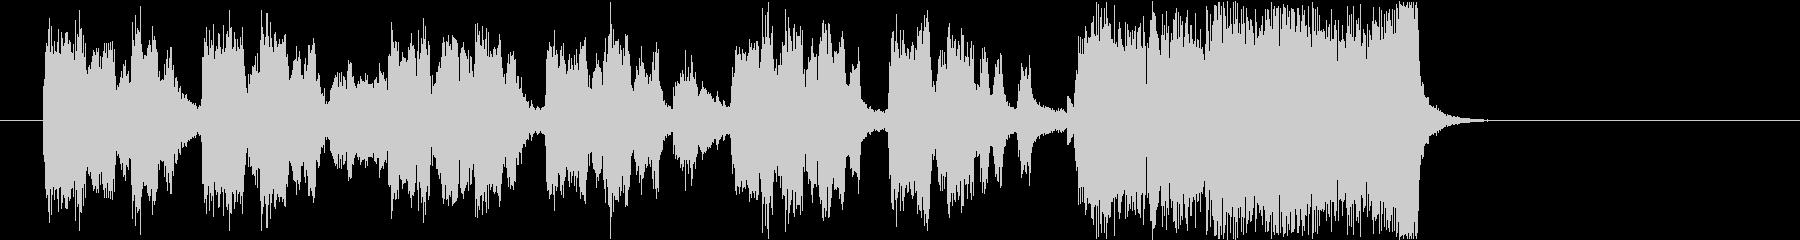 ビッグバンドのジングル3key=Bbの未再生の波形